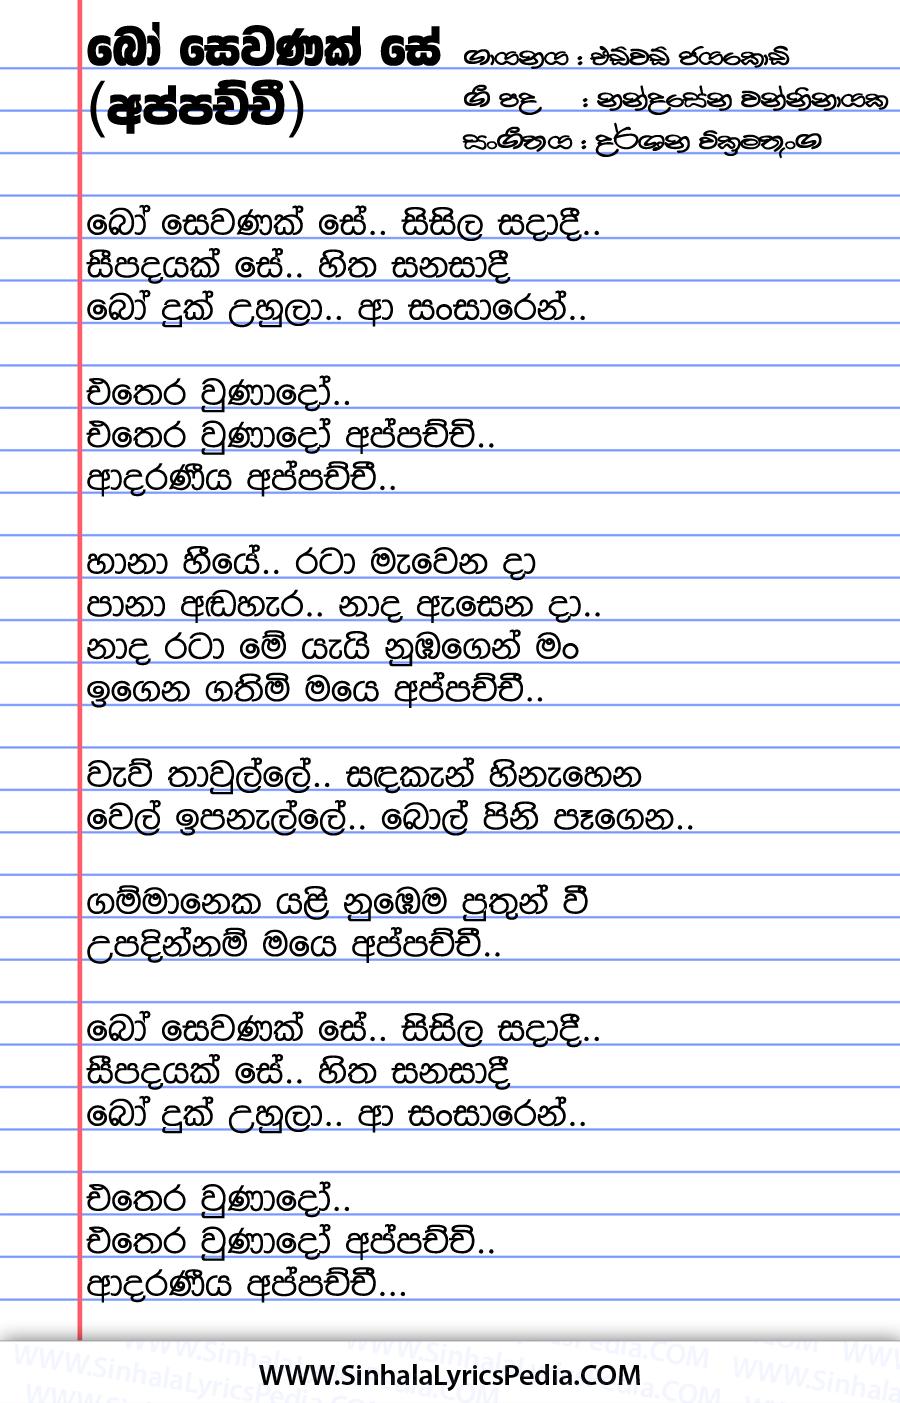 Bo Sewanak Se Sisila Sadadi (Appachchi) Song Lyrics